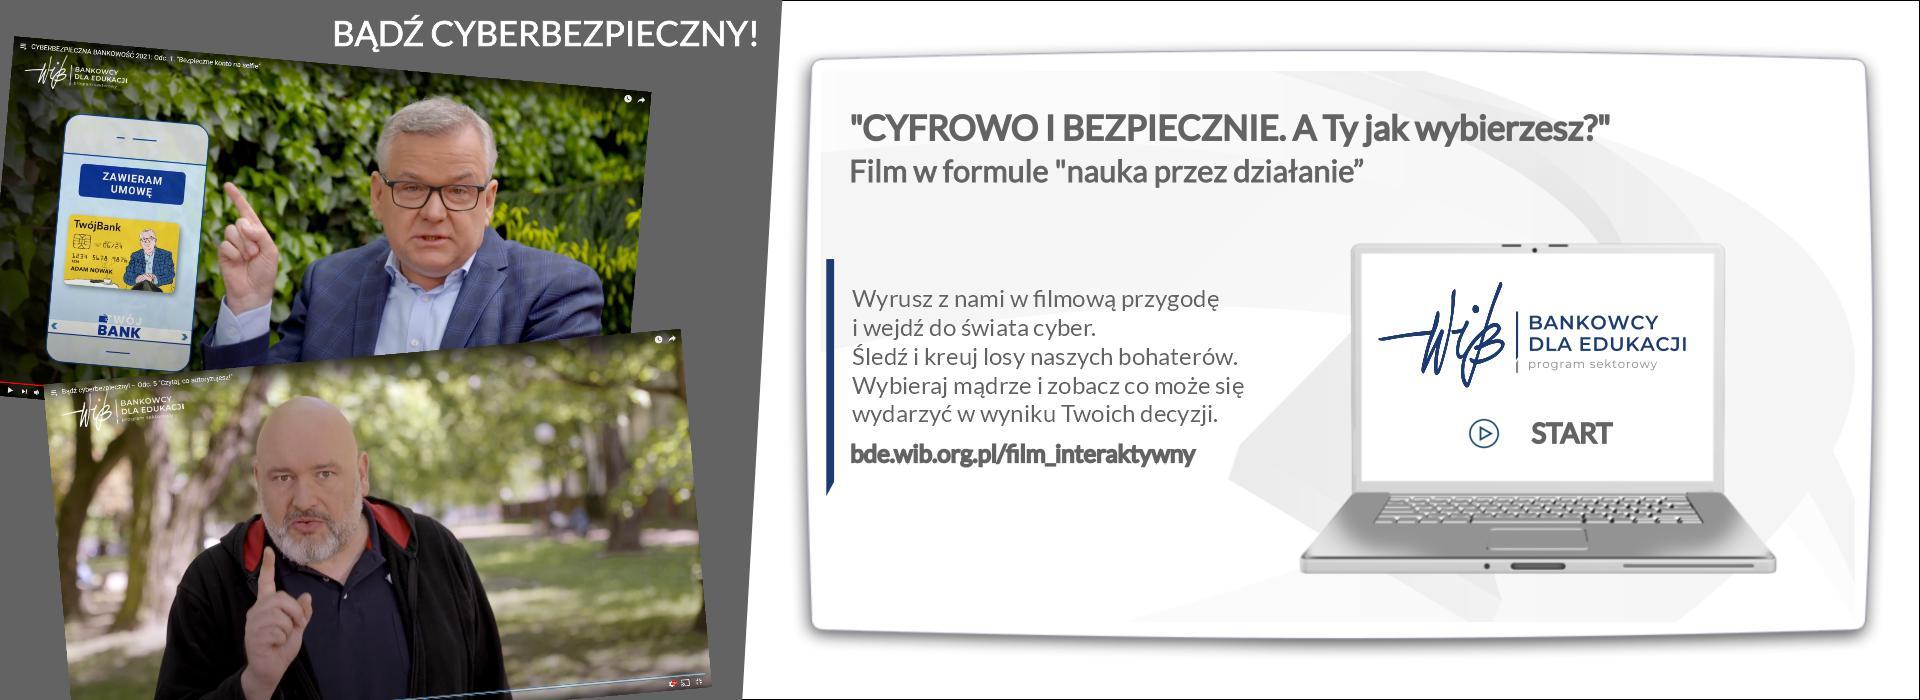 210927-bde-badz-cyberbezpieczny-cyfrowo-i-bezpiecznie-01-1920×700